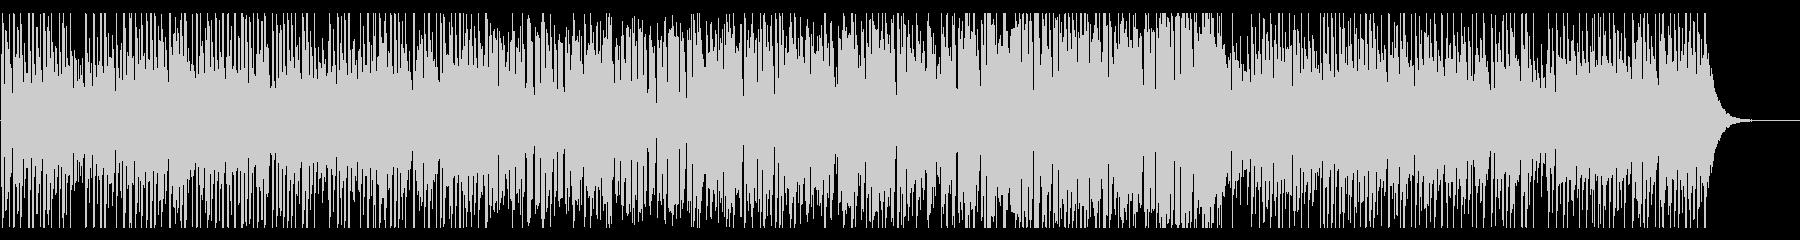 クール、シーケンス_前半省略の未再生の波形